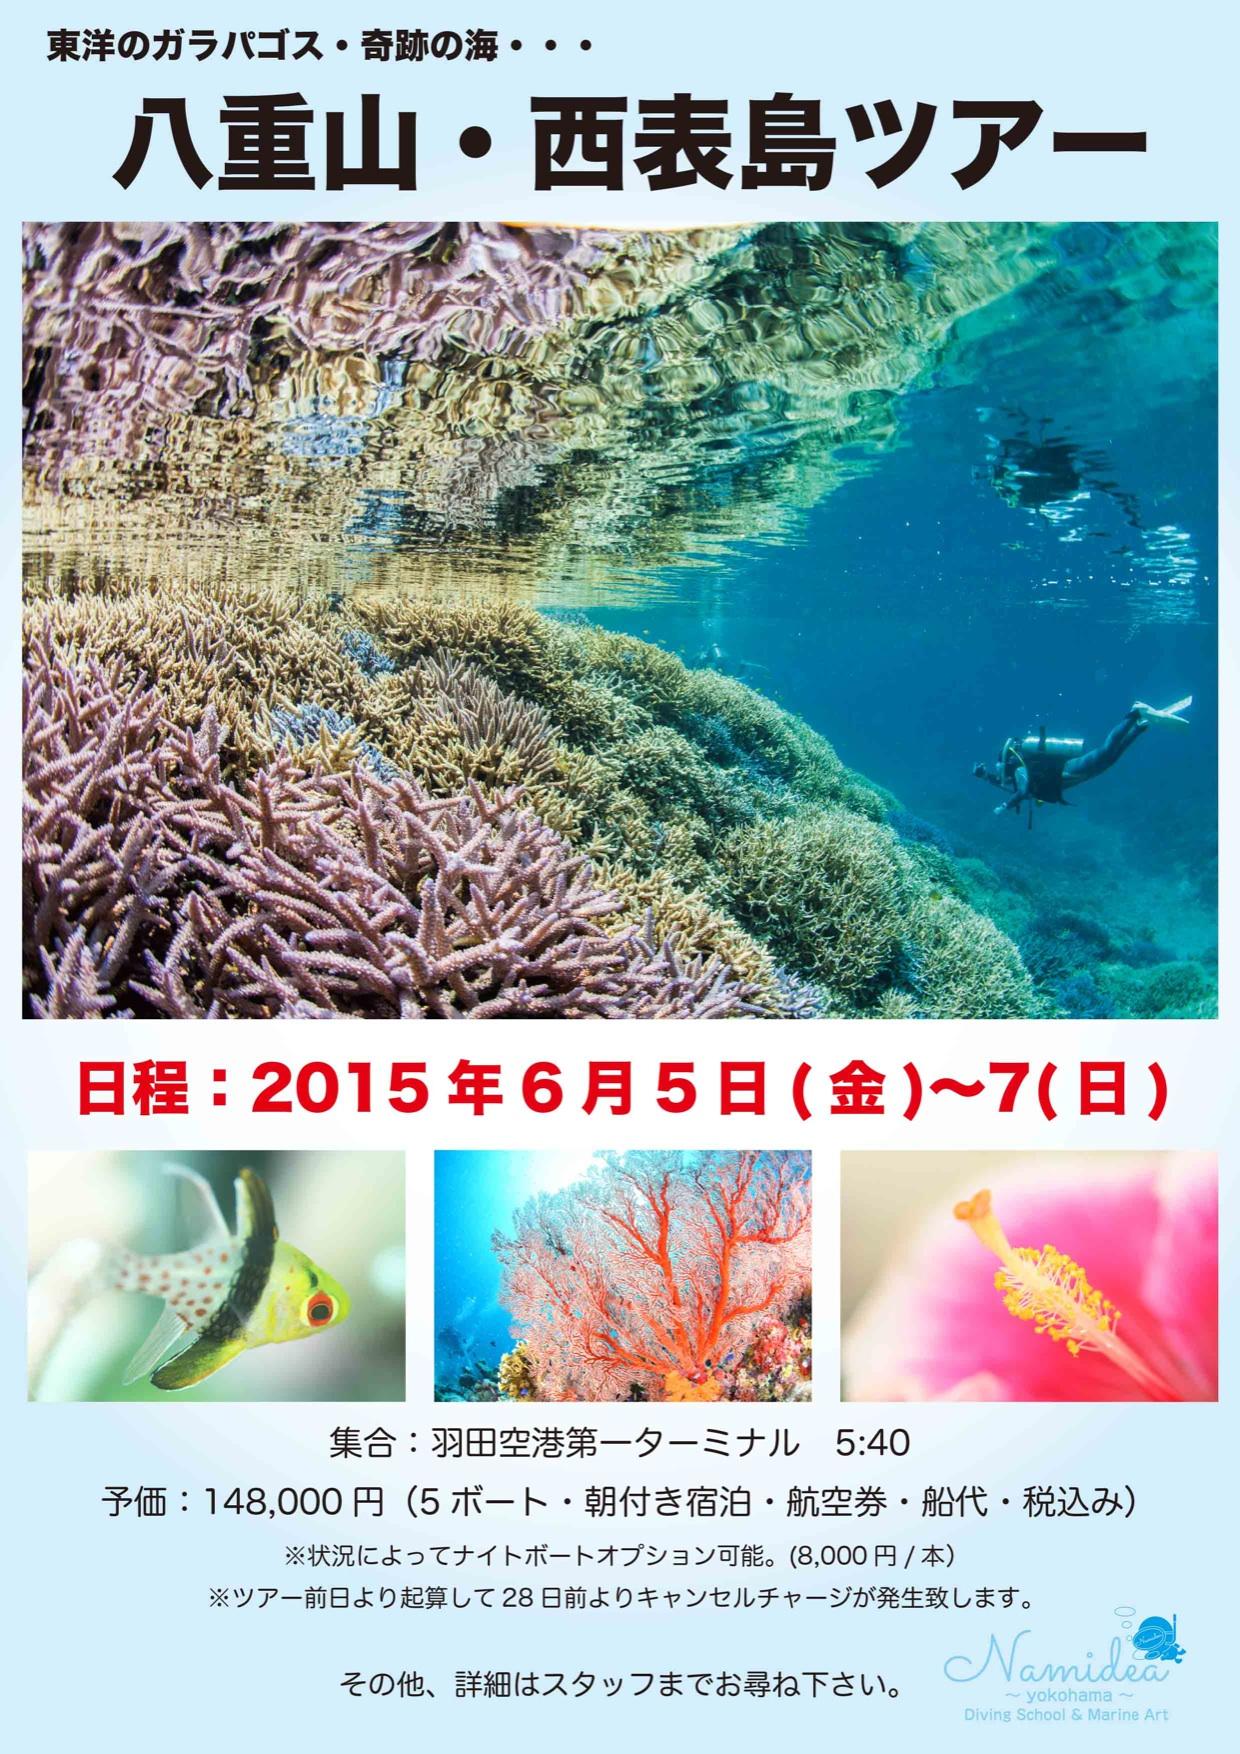 奇跡の海!沖縄 西表島ダイビングツアー